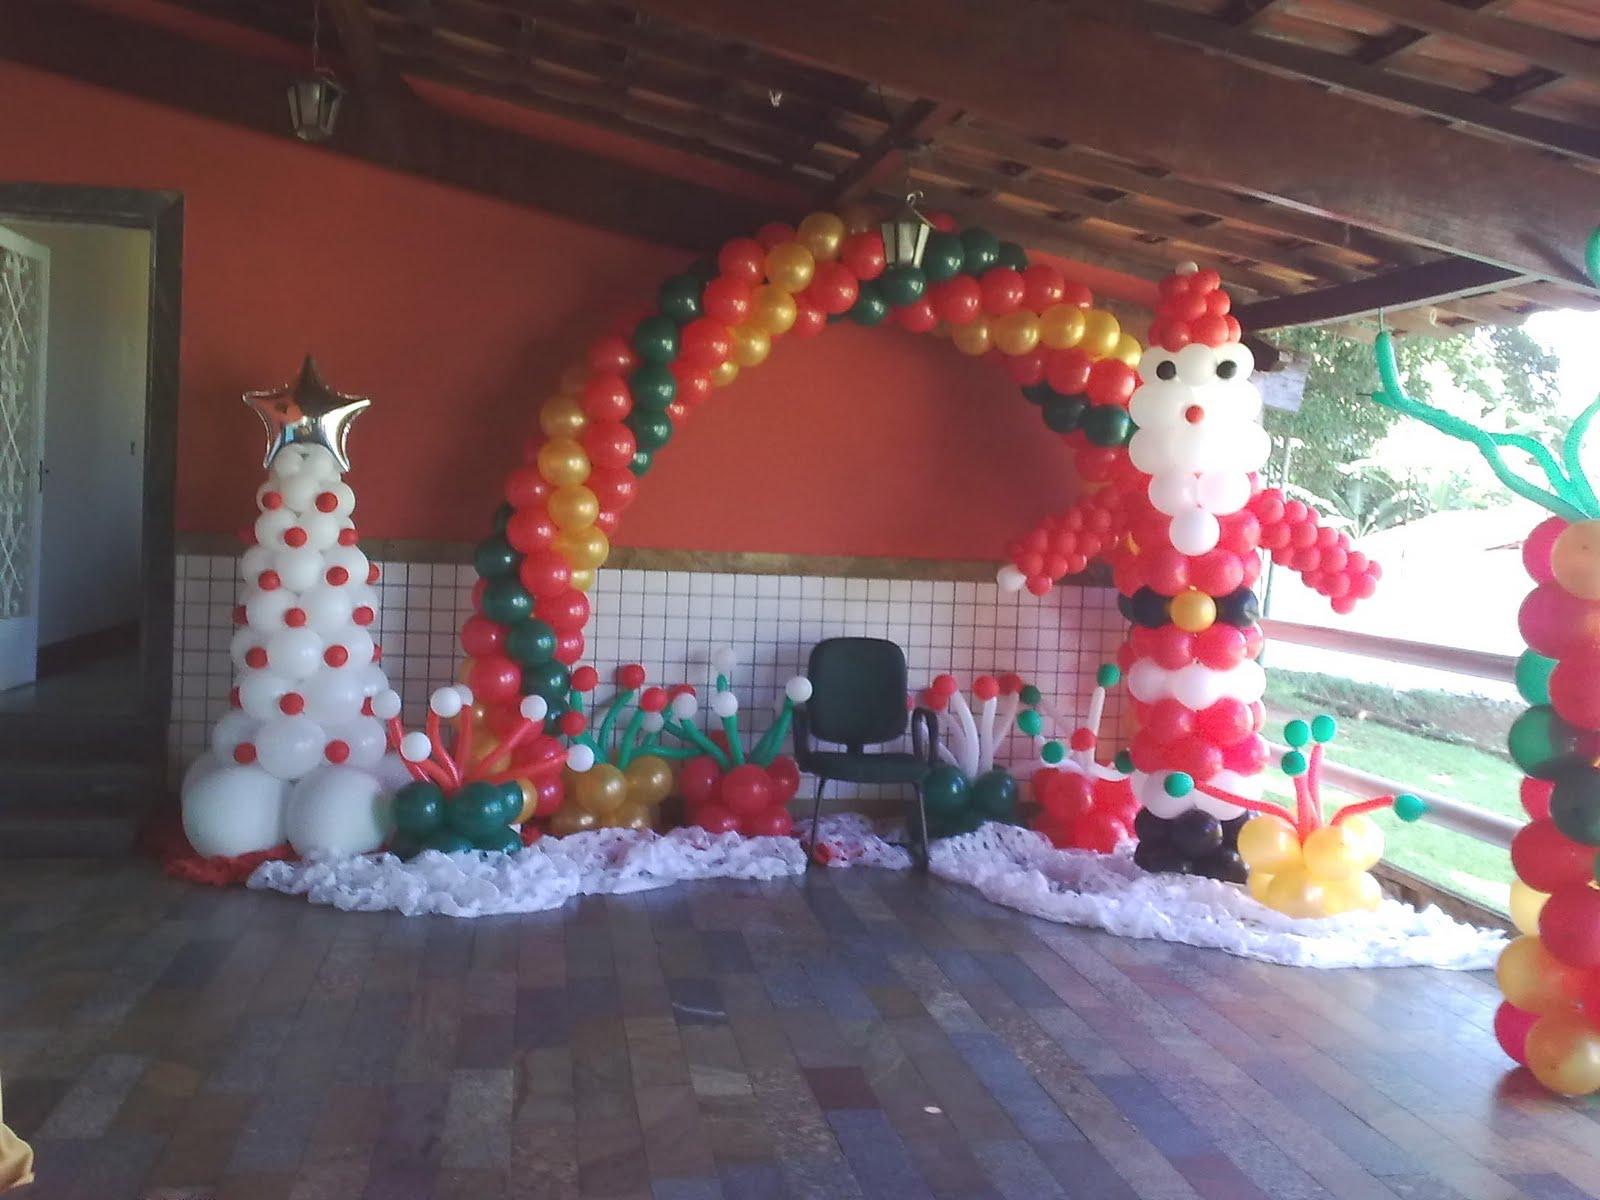 decoracao festa natal:Decoração com Balões Festas Personalizadas: Natal